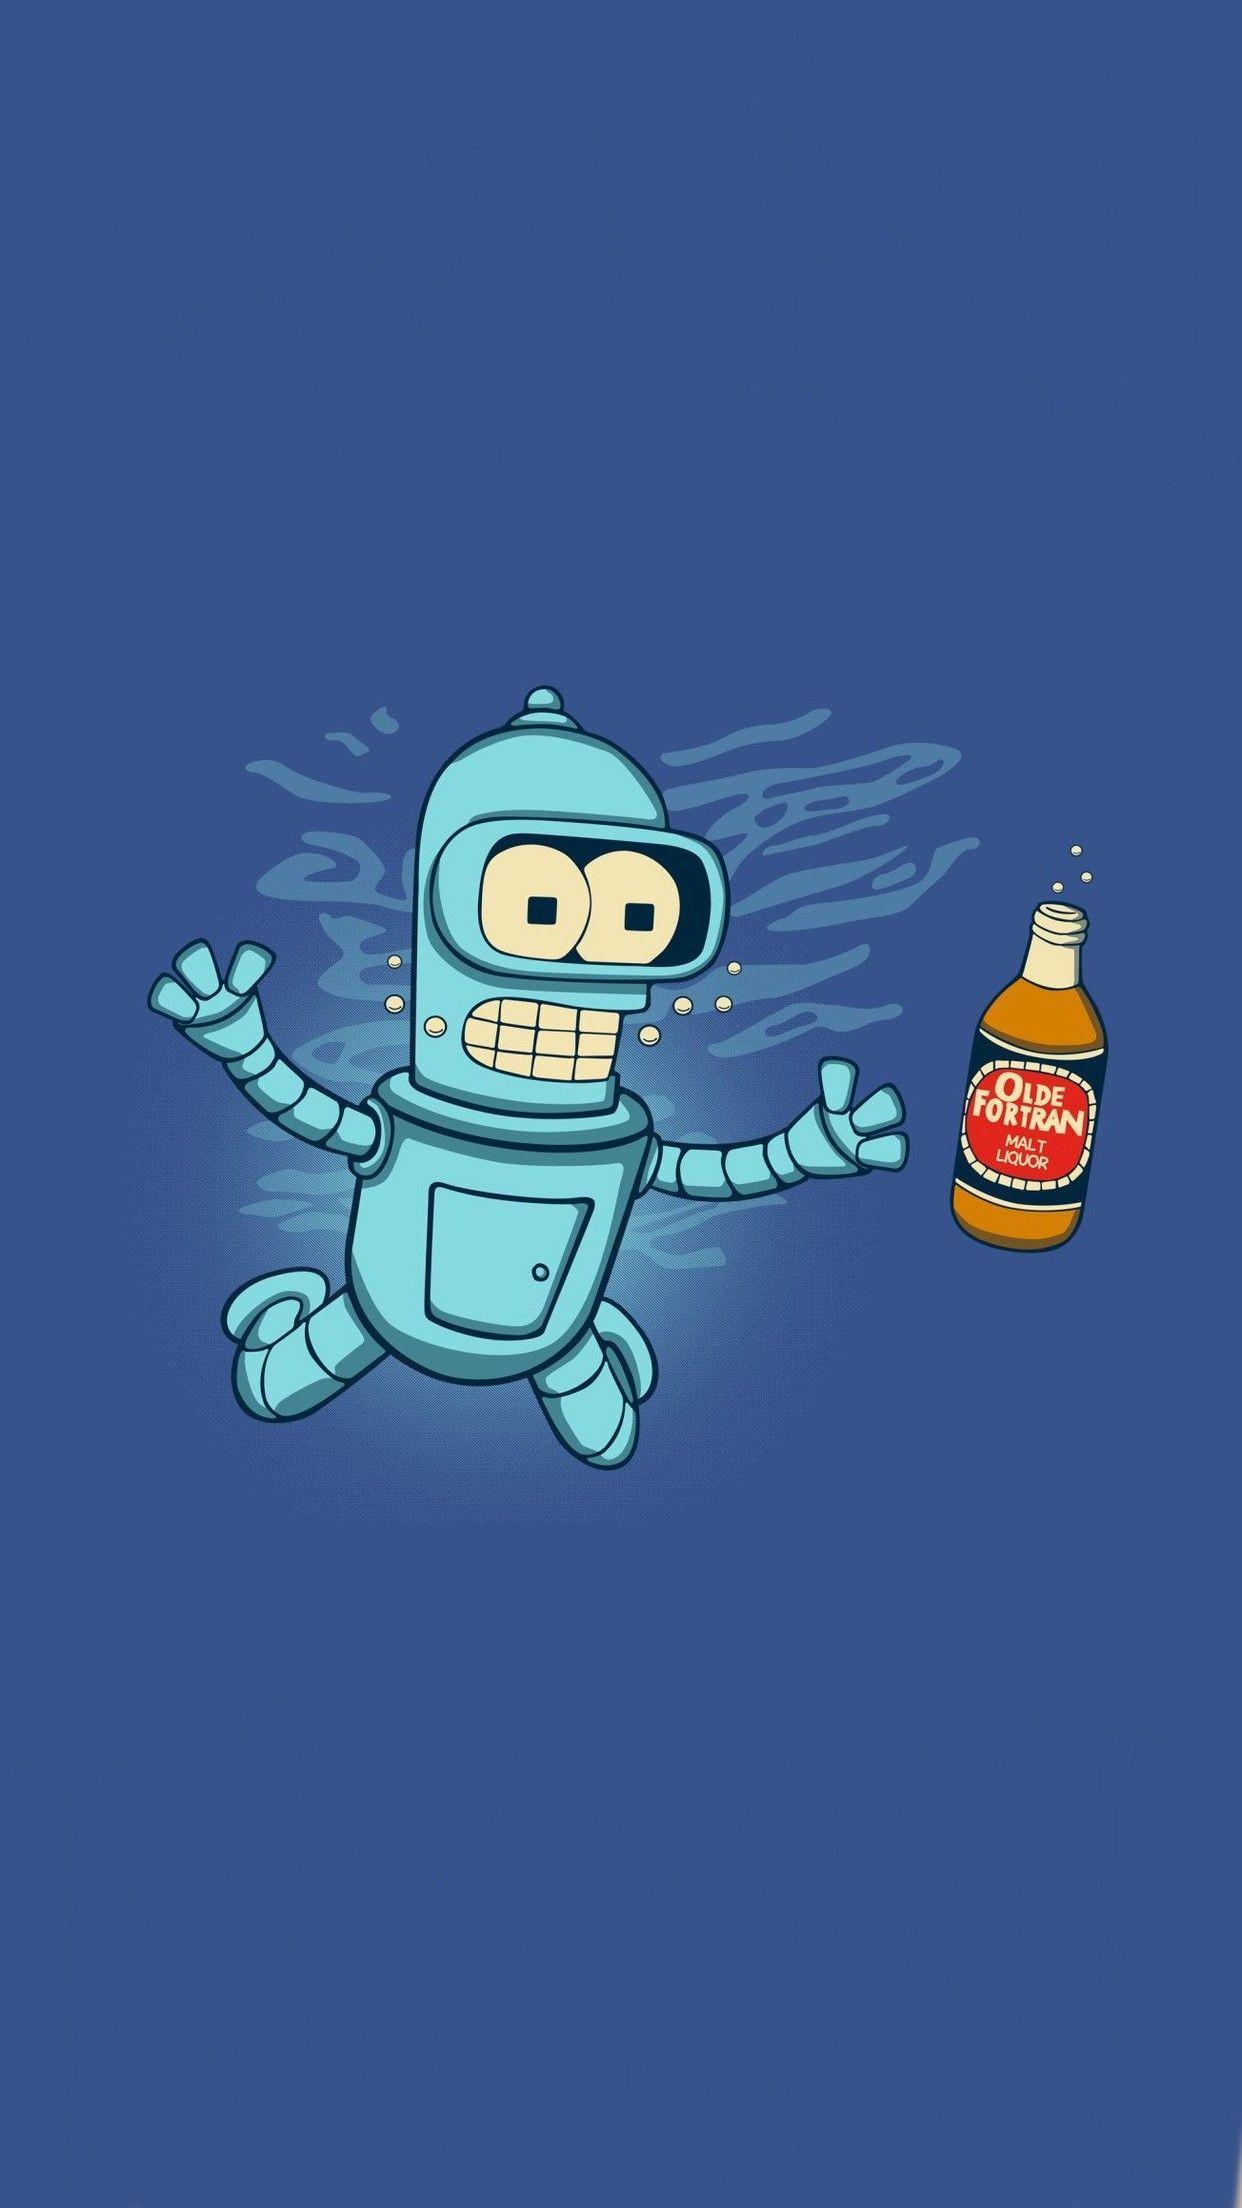 Bender Futurama Wallpapers - Top Free